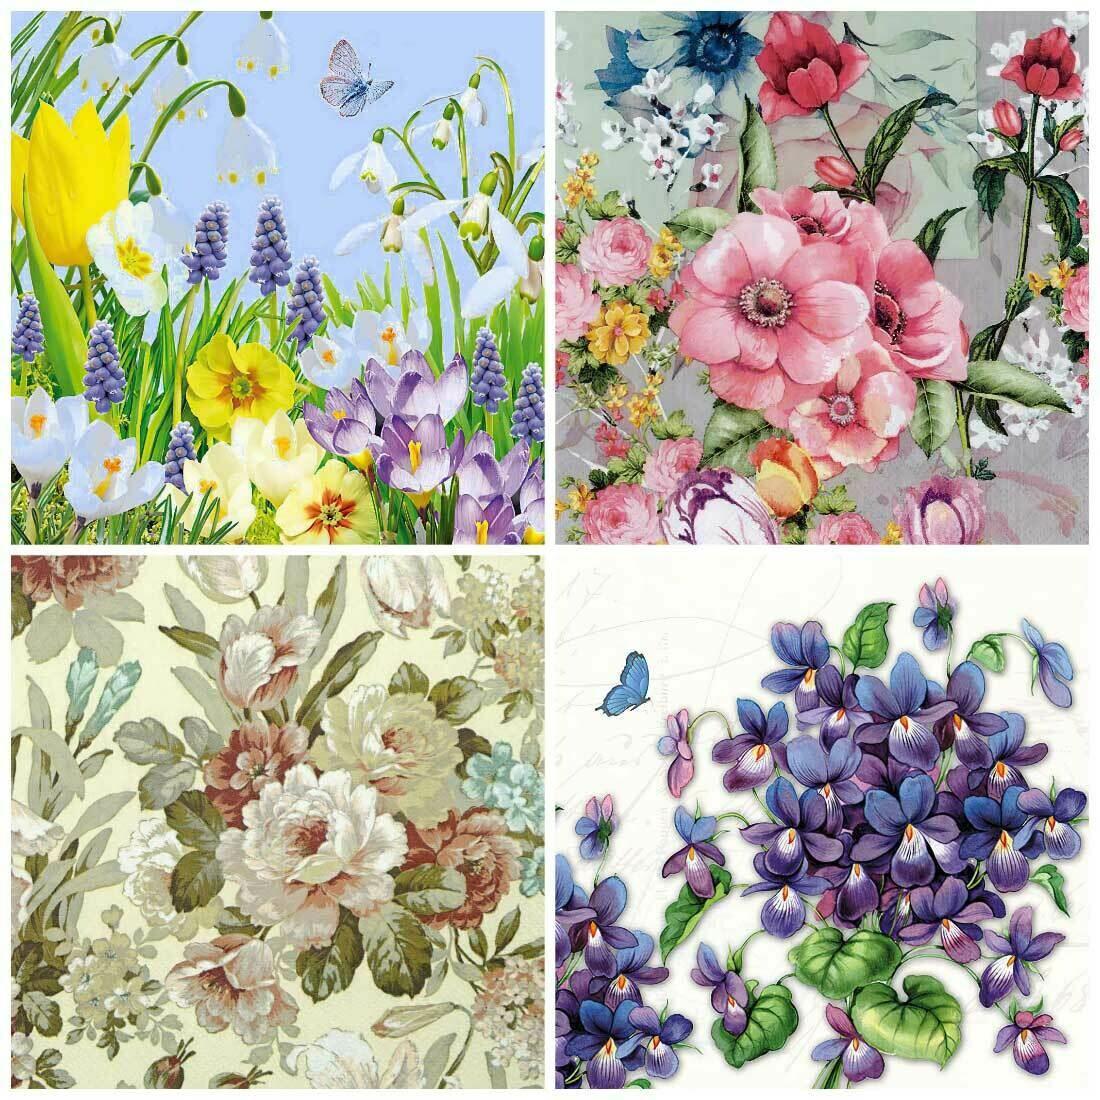 Decoupage Paper Napkins - Floral 16 13x13 (4 Sheets)